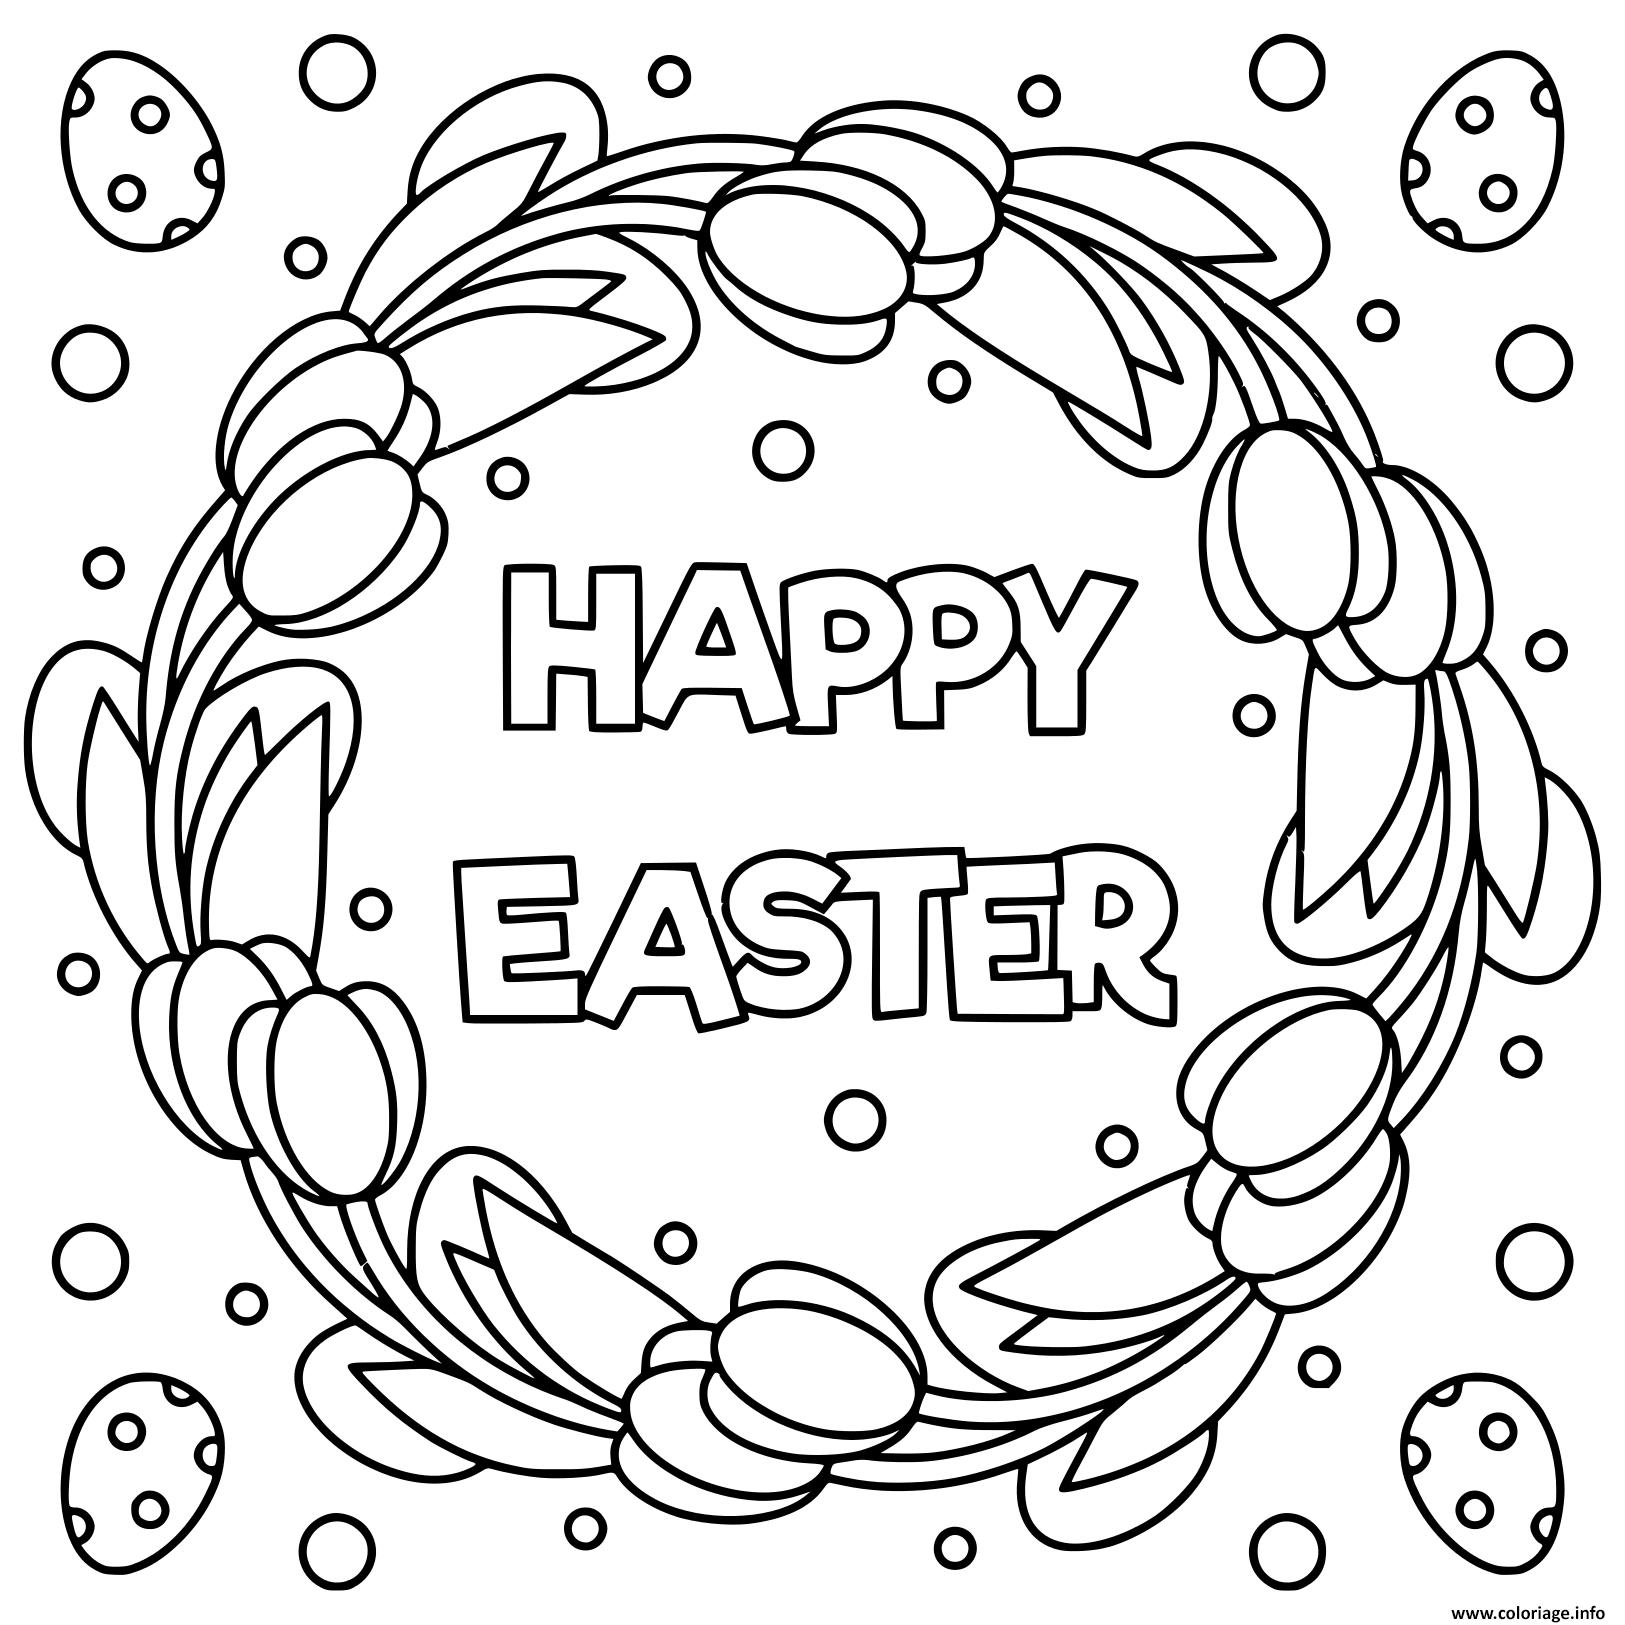 Dessin joyeux paques noir et blanc illustration  Coloriage Gratuit à Imprimer